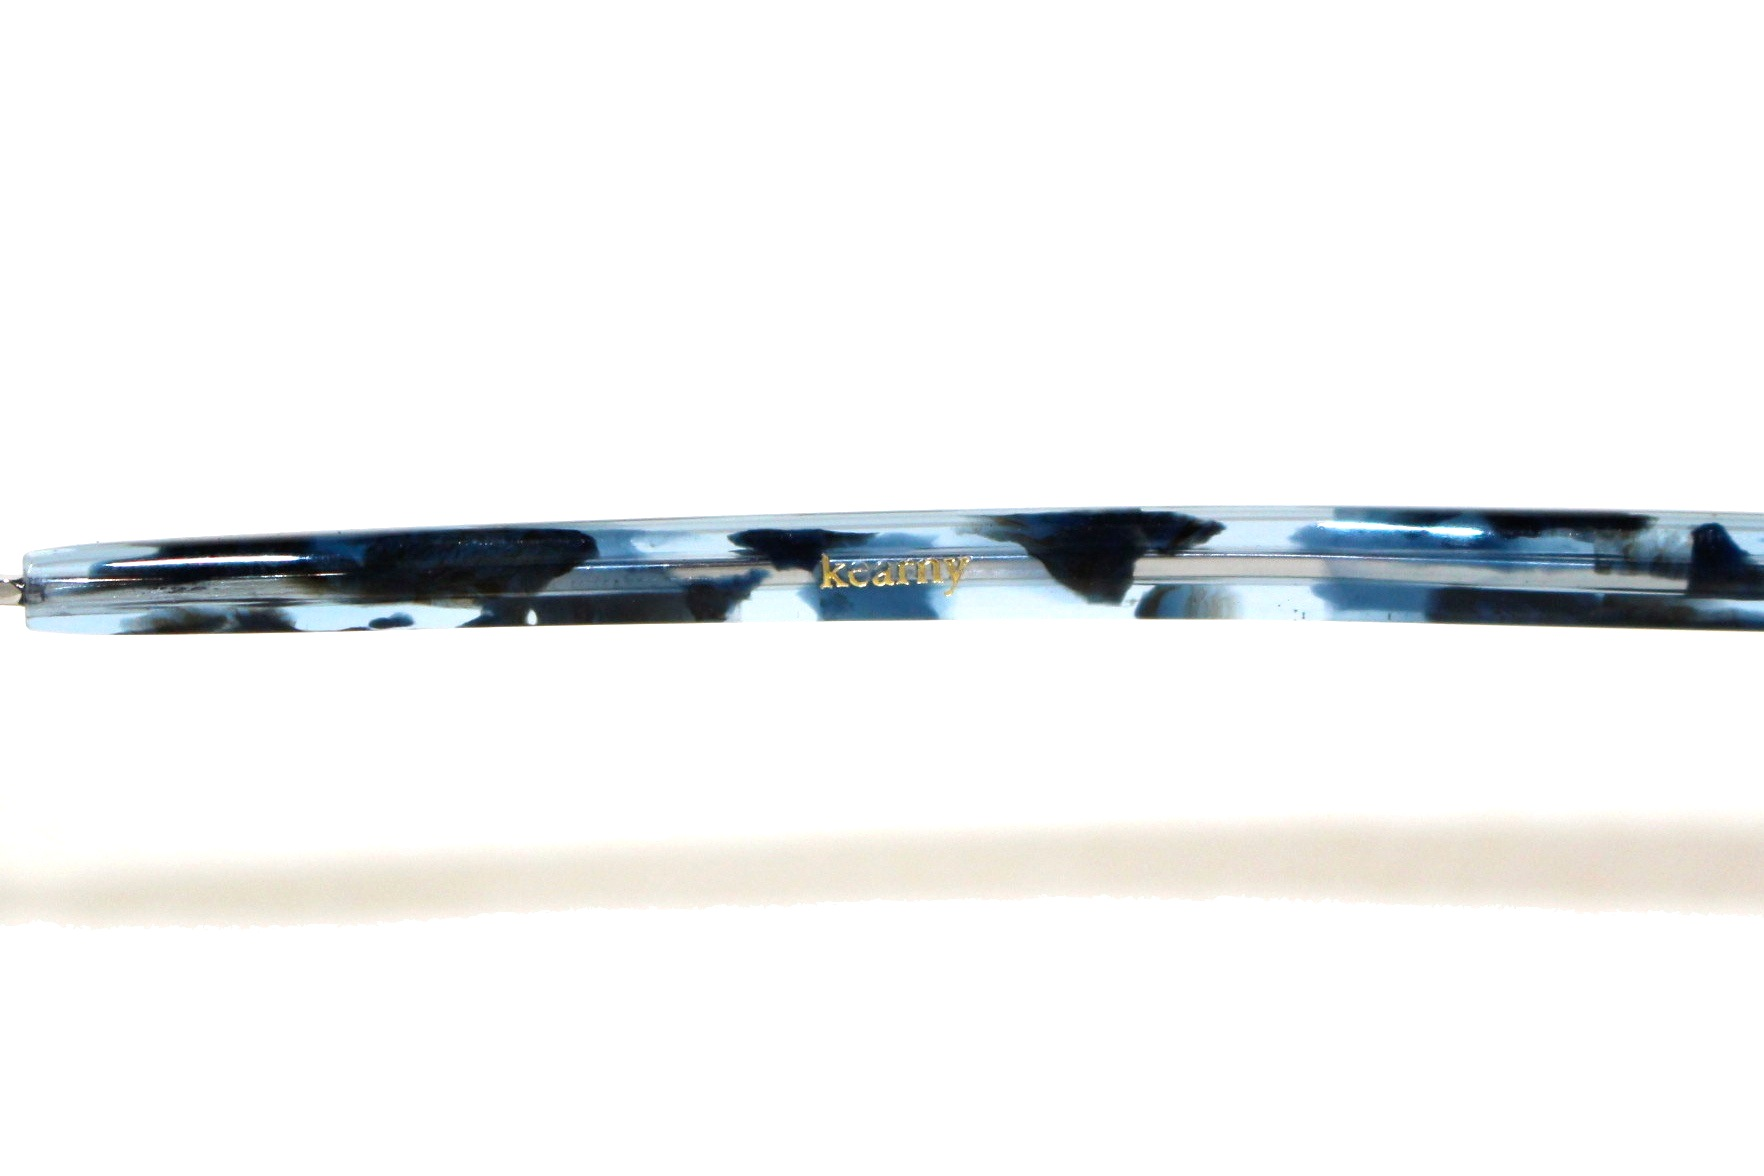 """kearny(カーニー) """"peaks / Sunglasses(ピークス / サングラス)"""""""